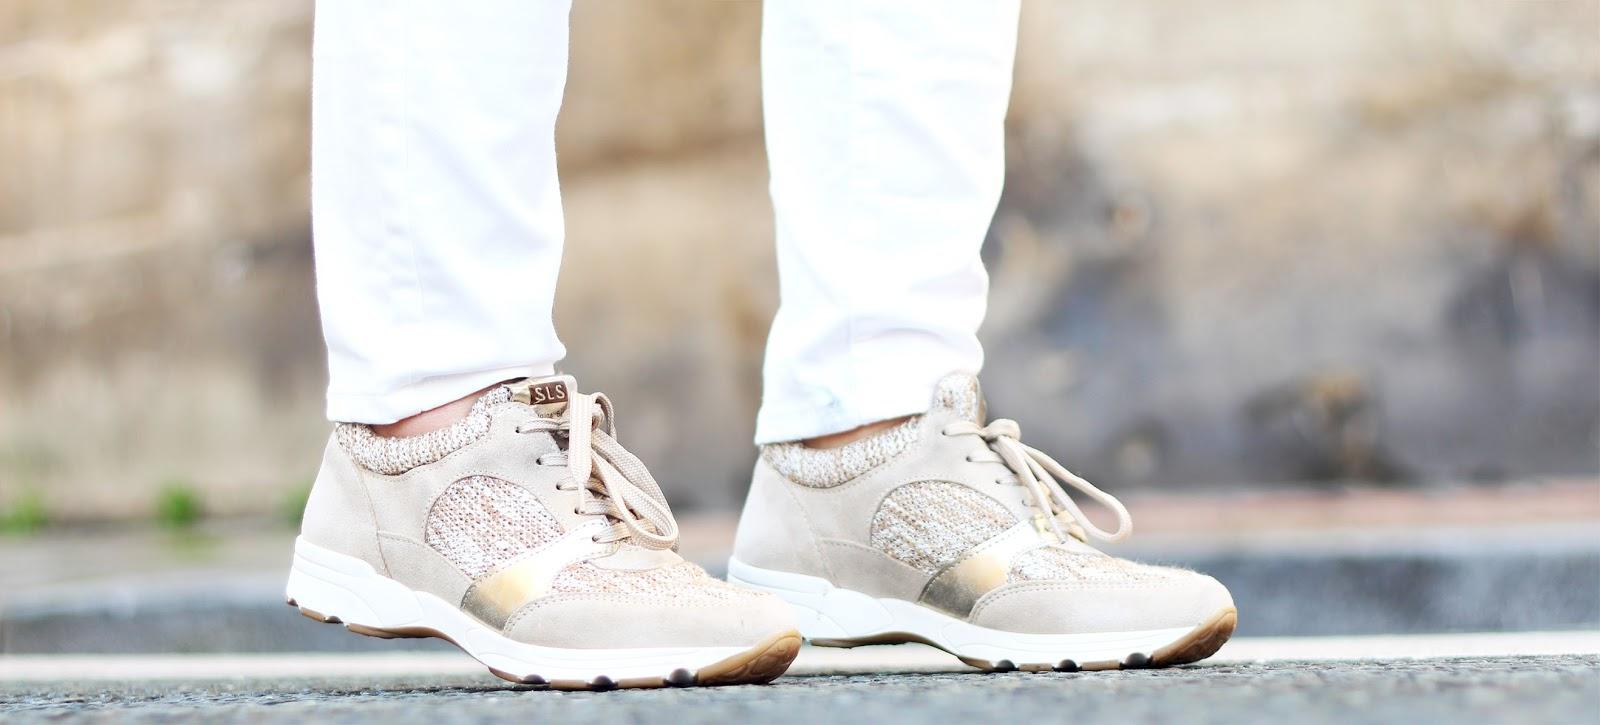 sneakers dorées